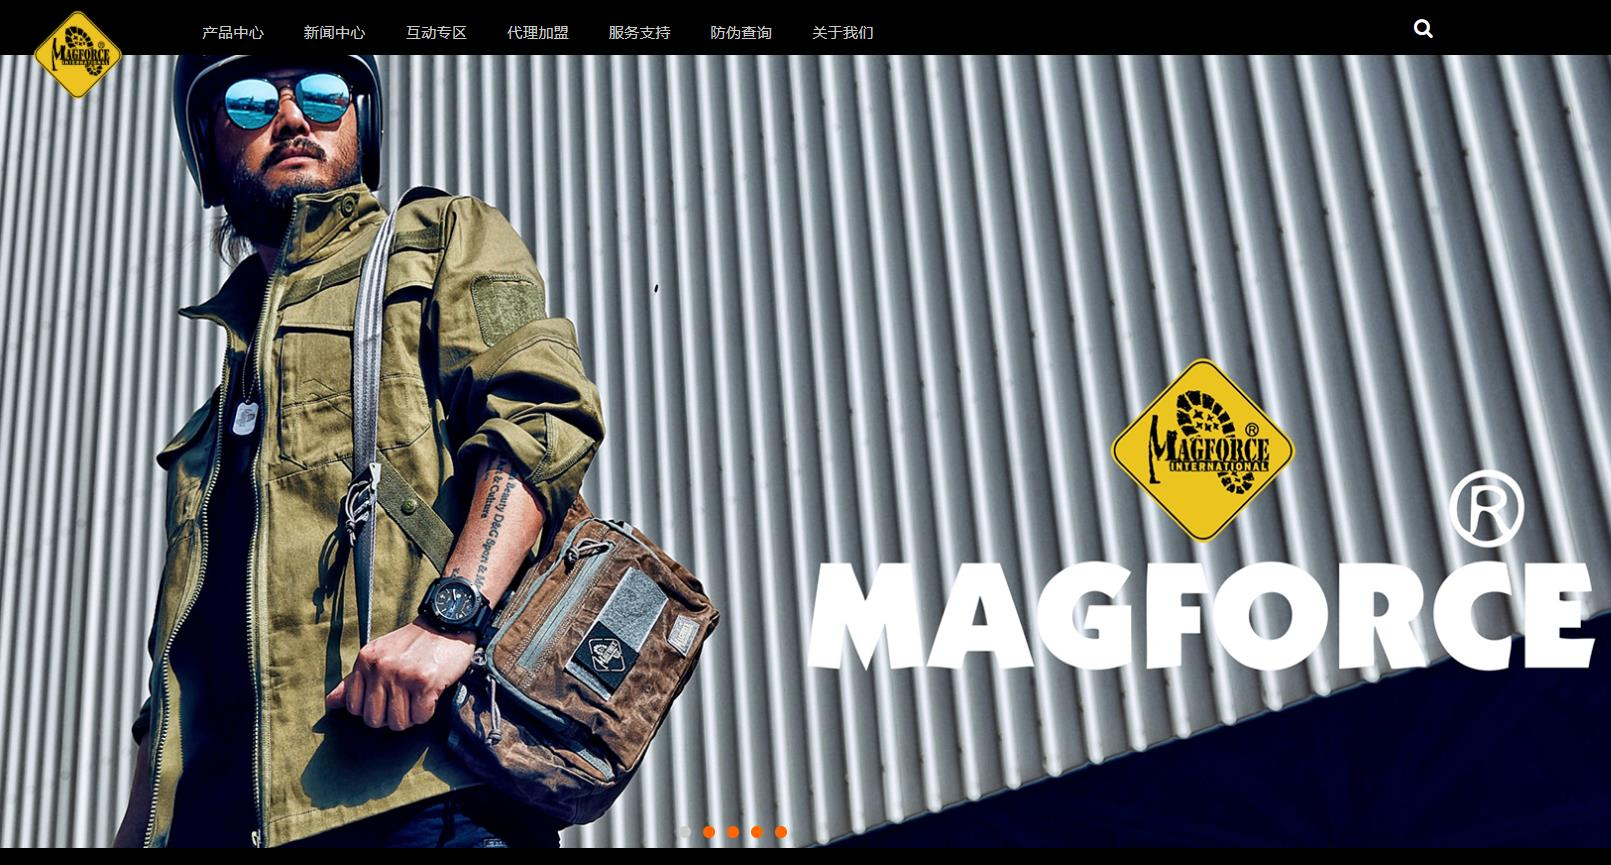 麦格霍斯(magforce)官网 麦格霍斯官方旗舰店